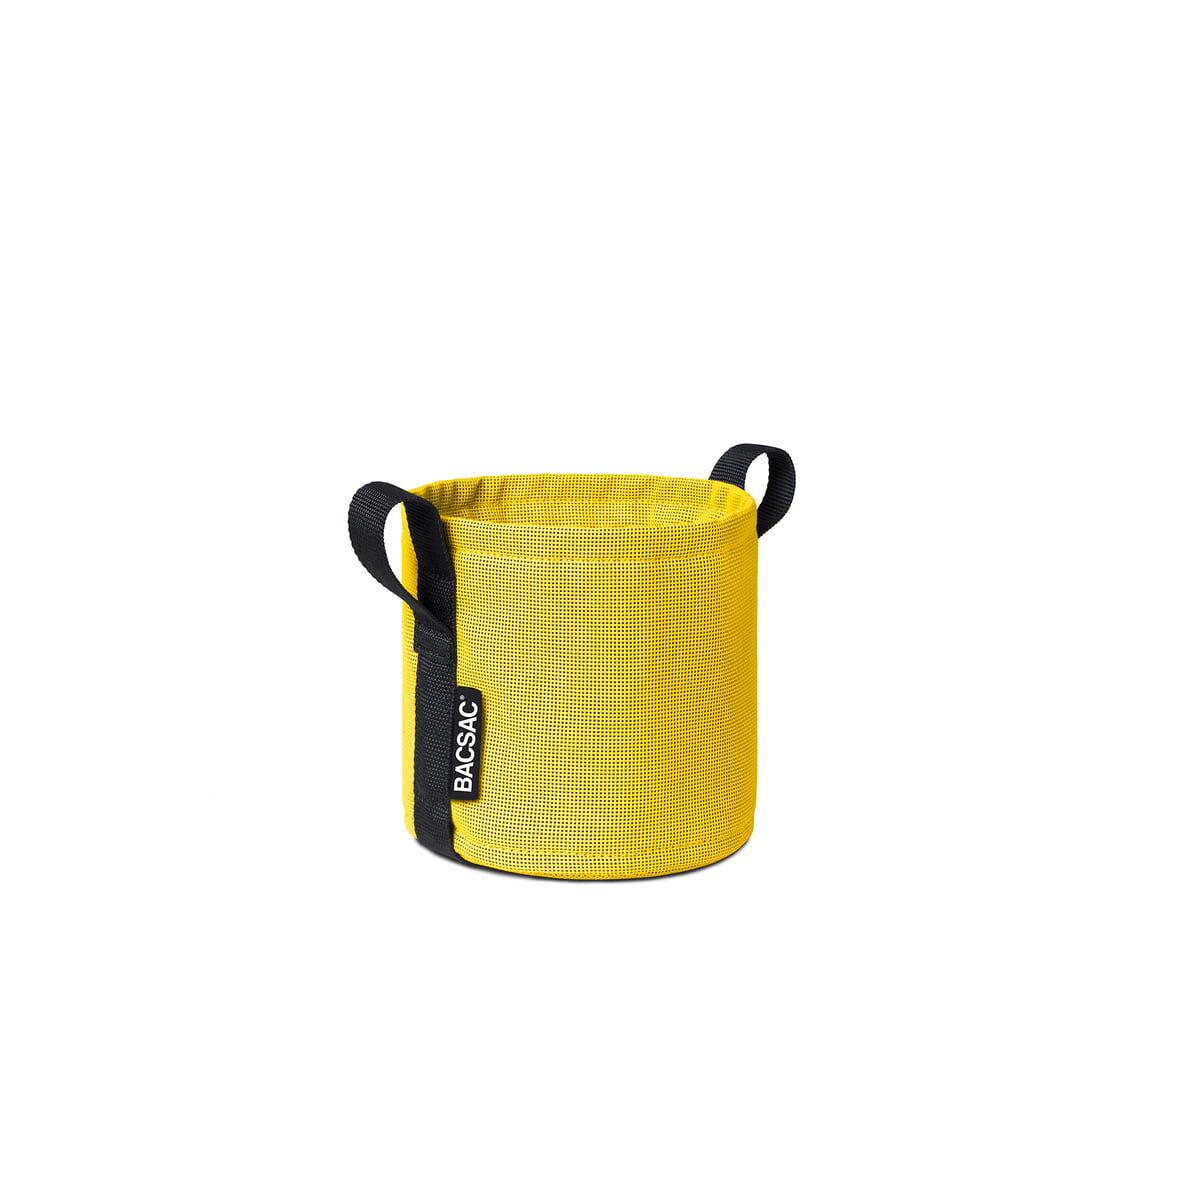 BACSAC - Pot Pflanztasche Batyline 3 l, soleil